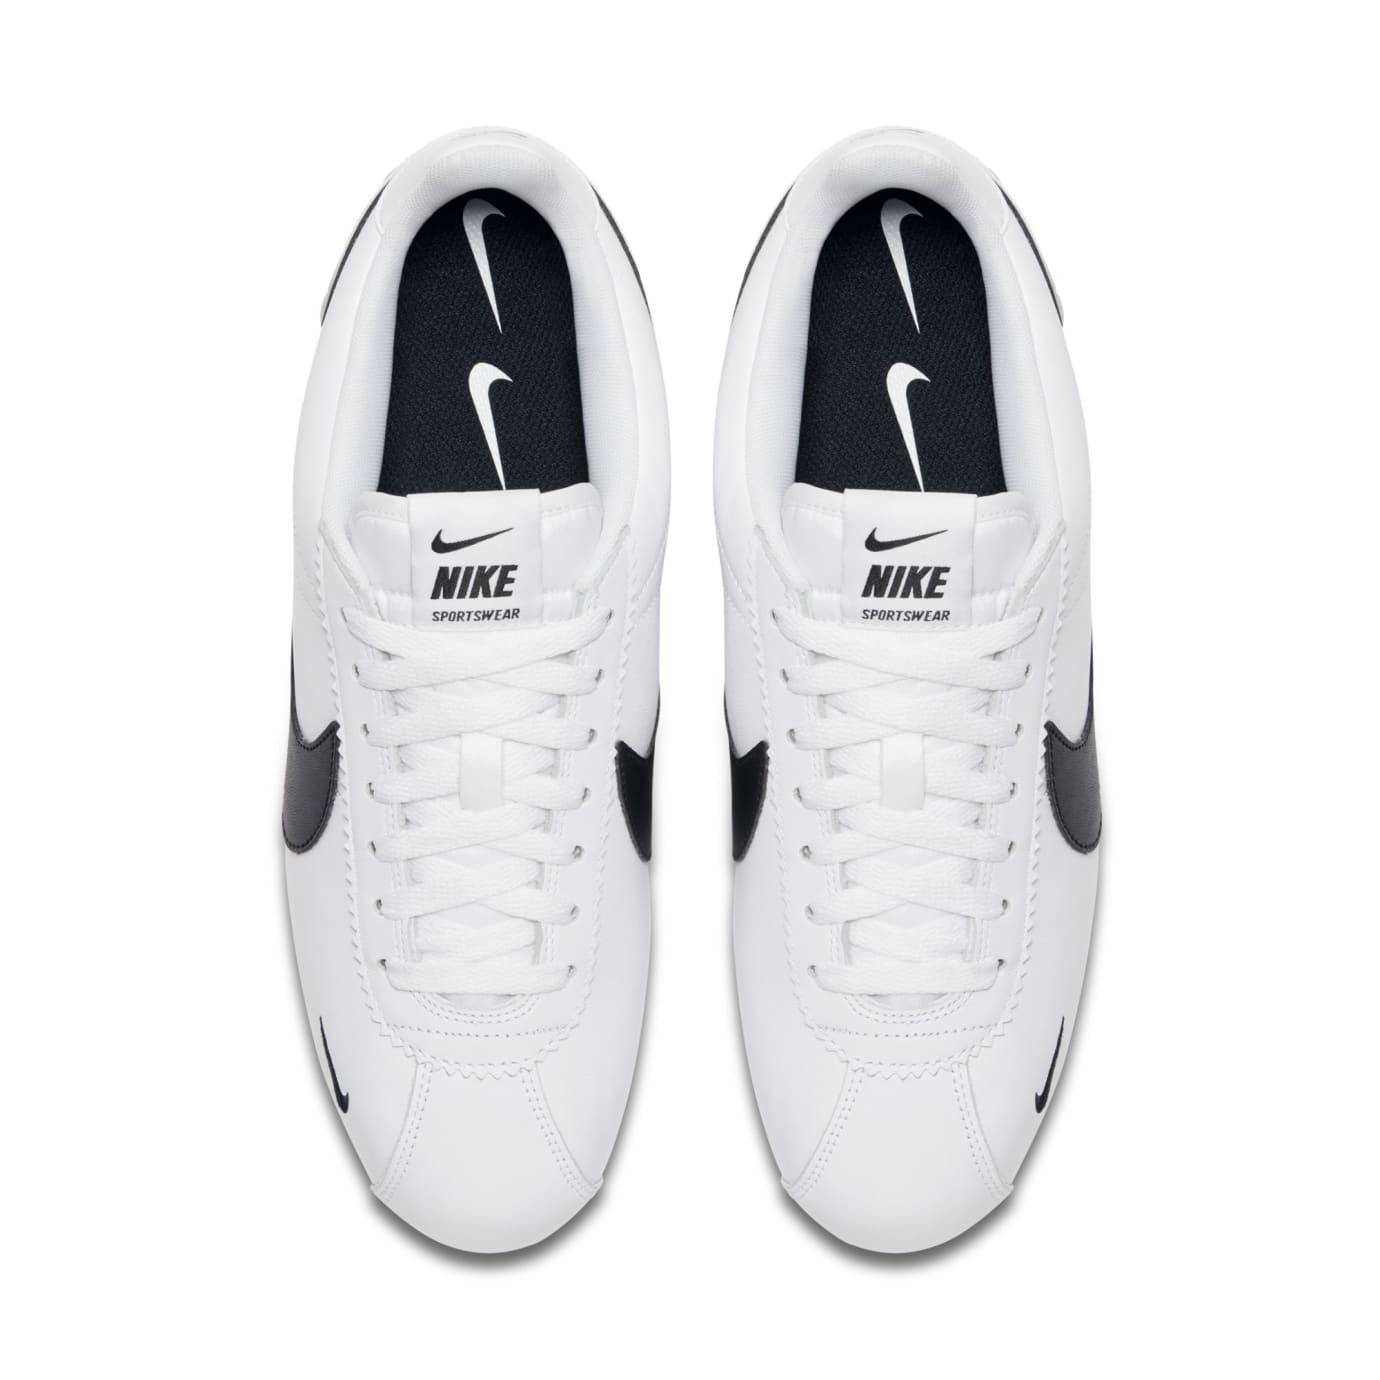 Nike Cortez Classic Premium 'Swoosh' (Top)